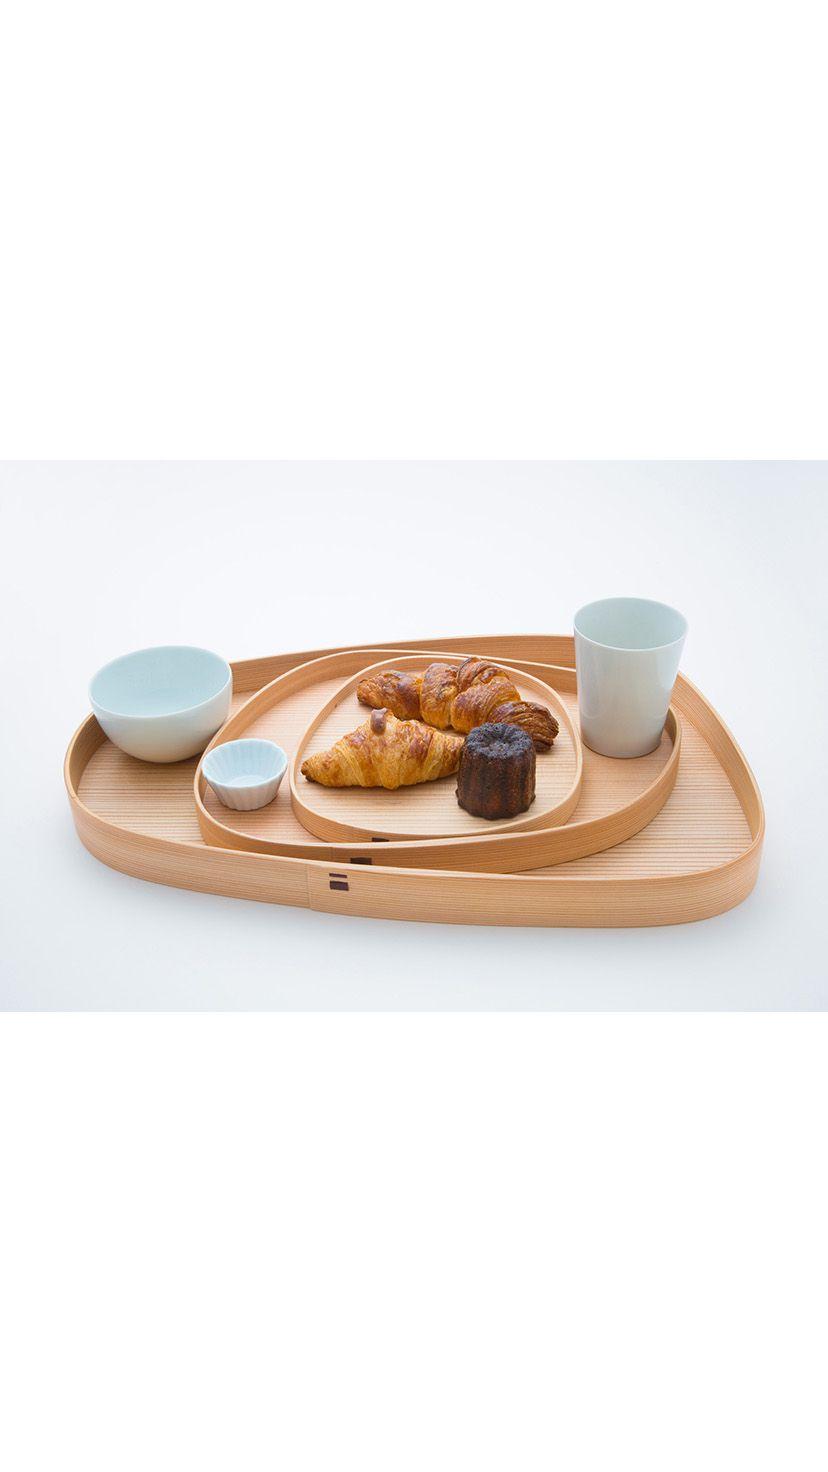 パン皿や盛り付け皿として使える「Pond Trays(ポンド・トレー)」